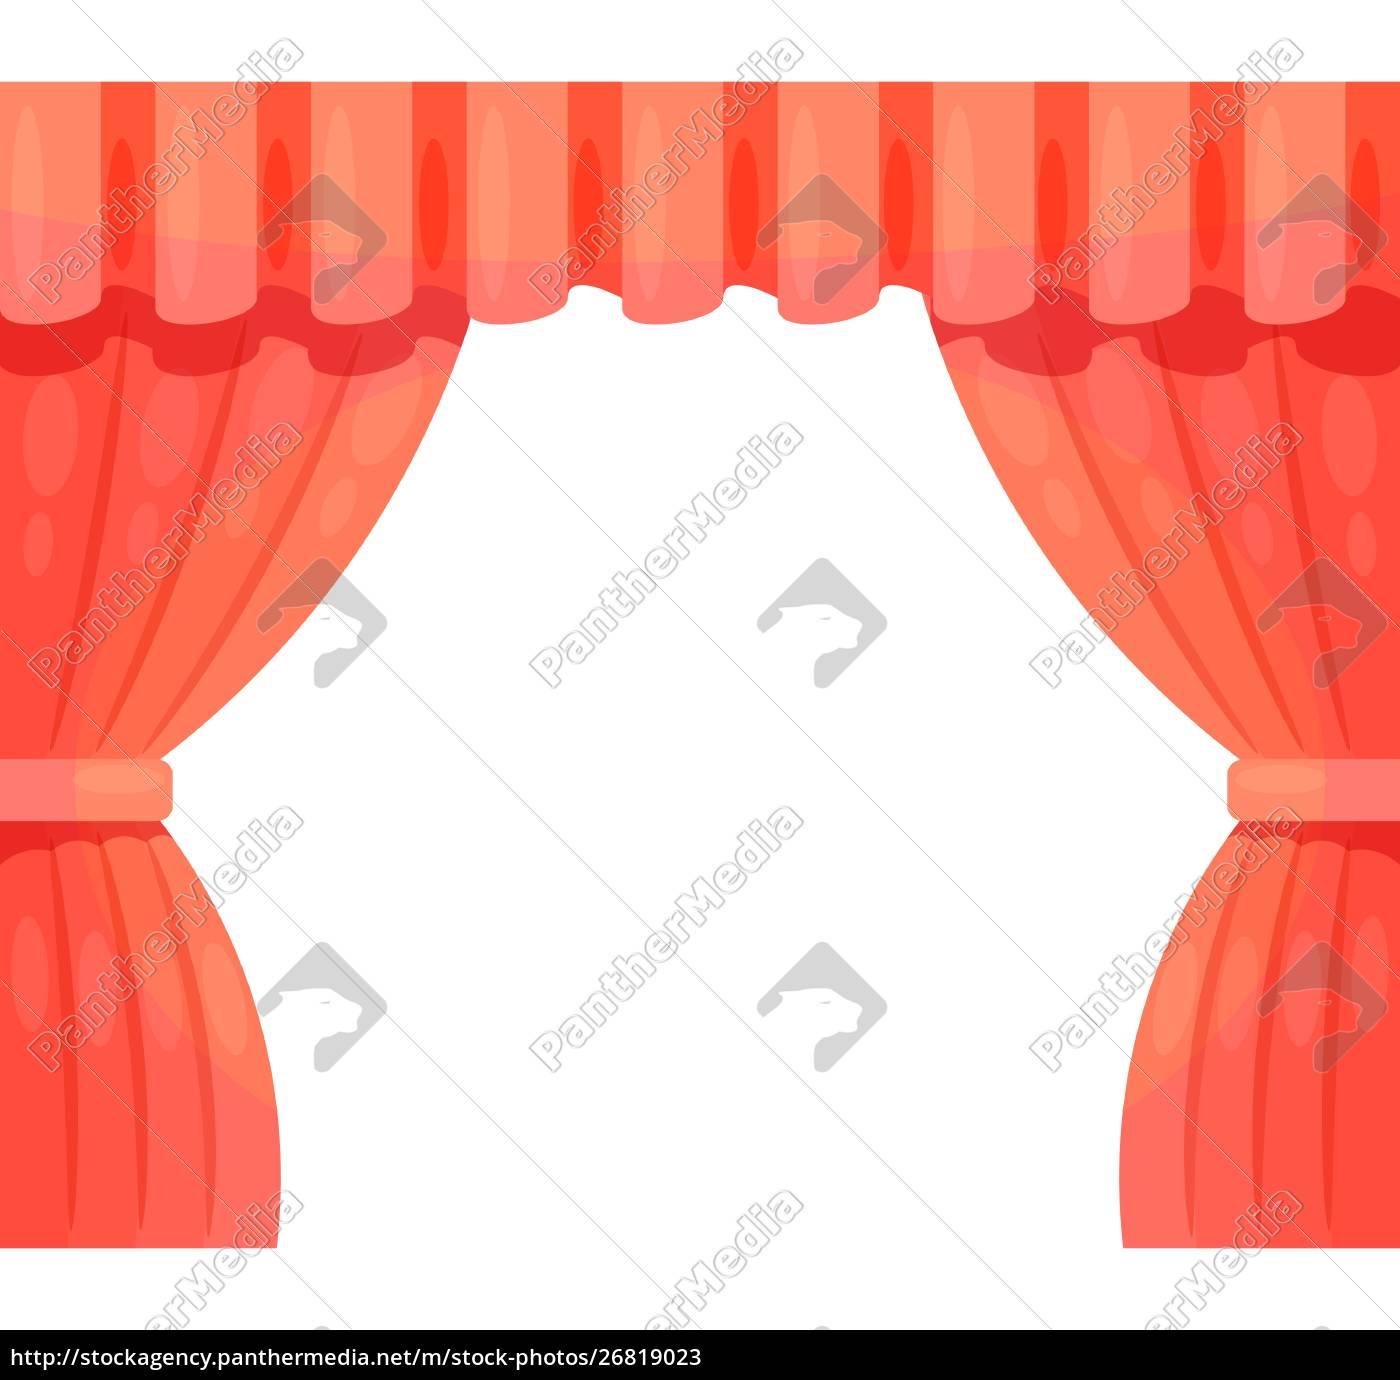 cartoon, theater., cartoon, theater, kulisya, on - 26819023